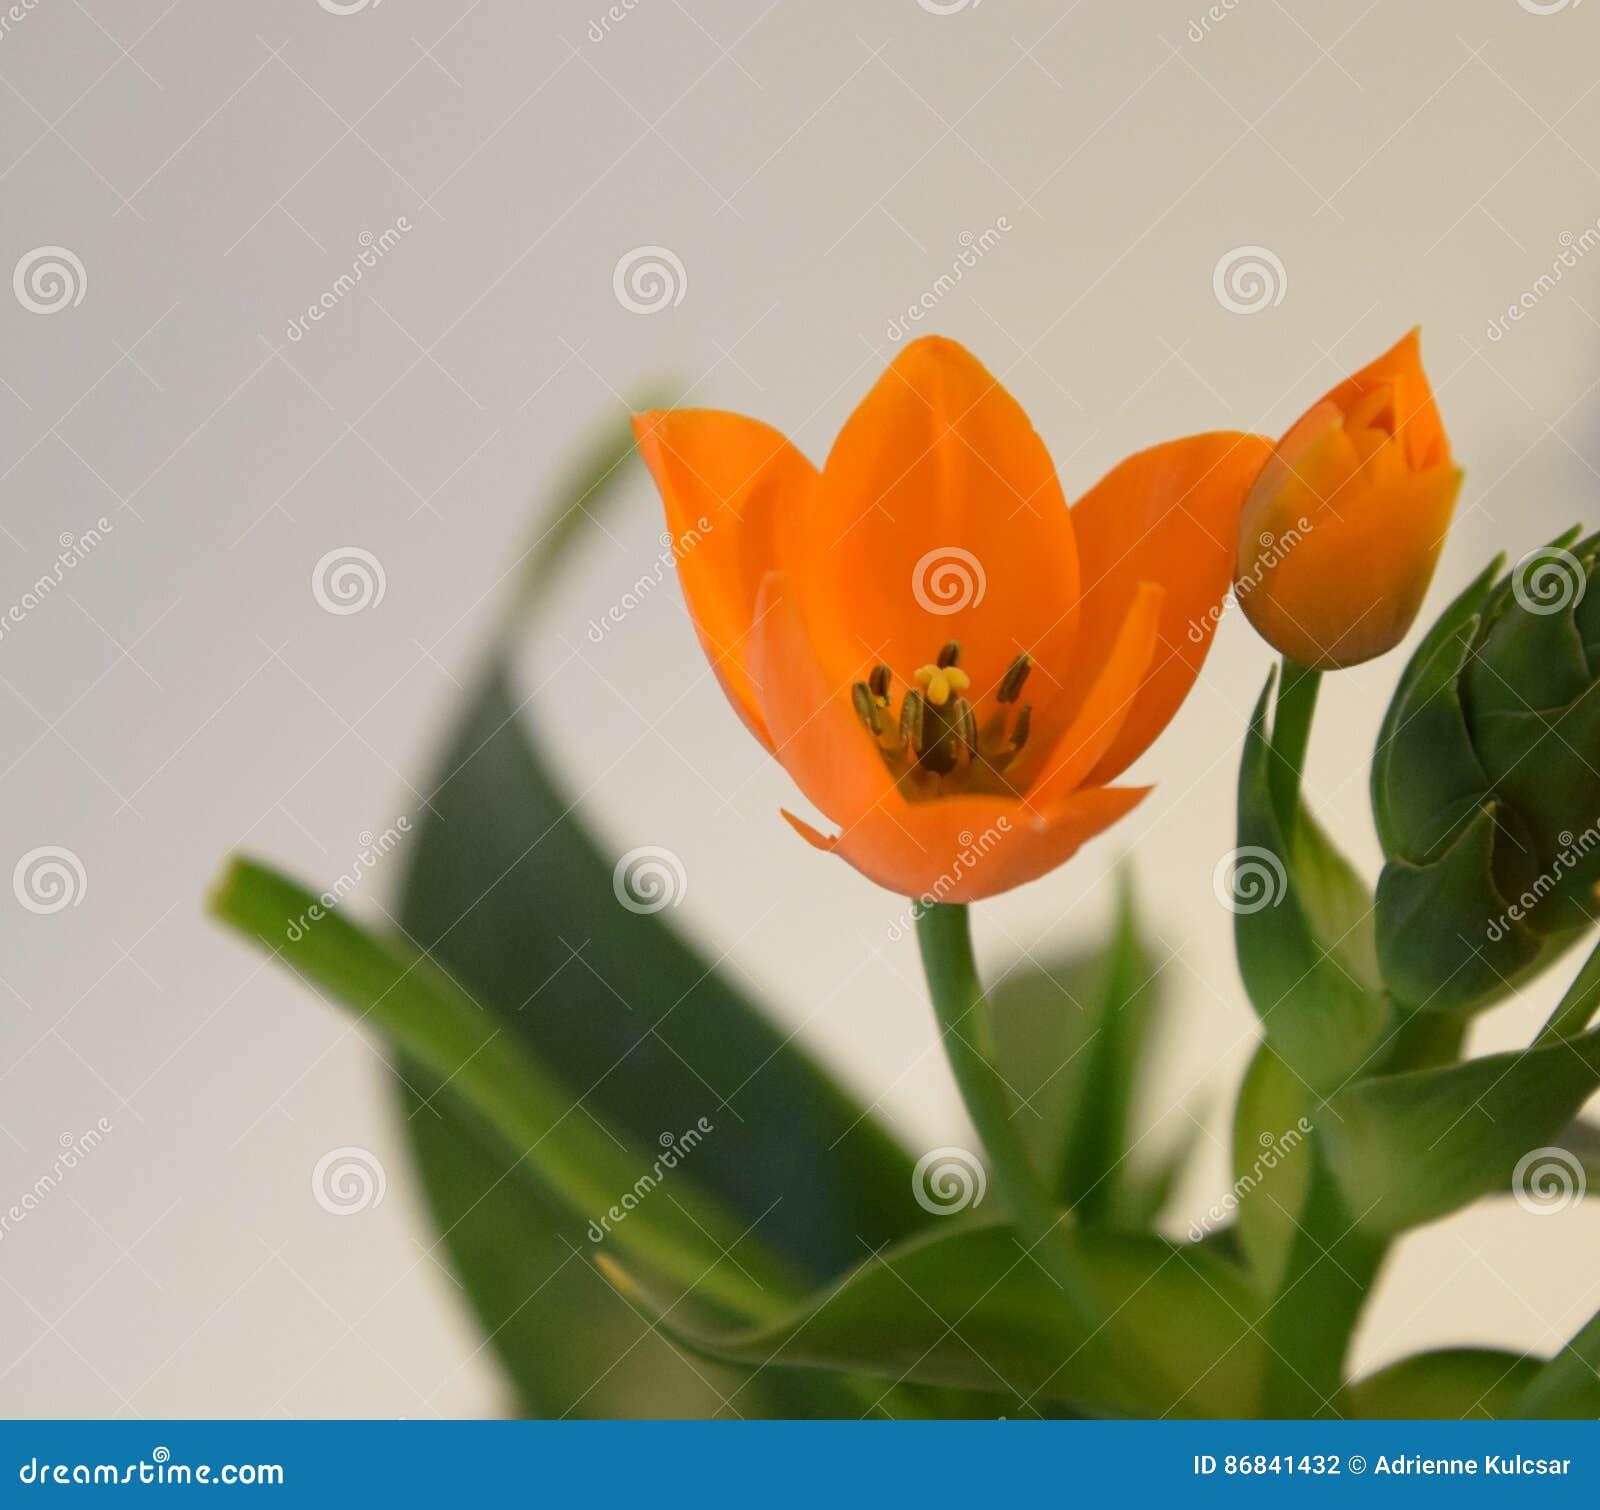 Ornithogalum Orange étoile De Bethlehem Photo Stock Image